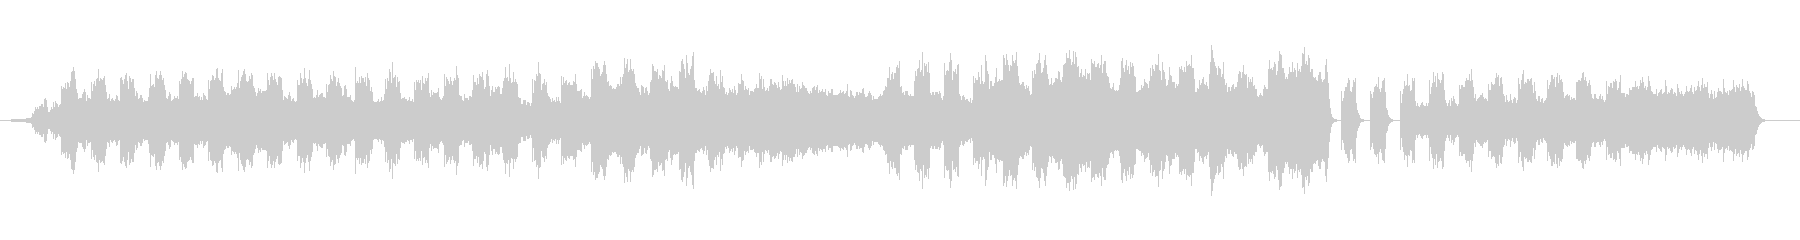 海流(オーシャン・カレント)の未再生の波形